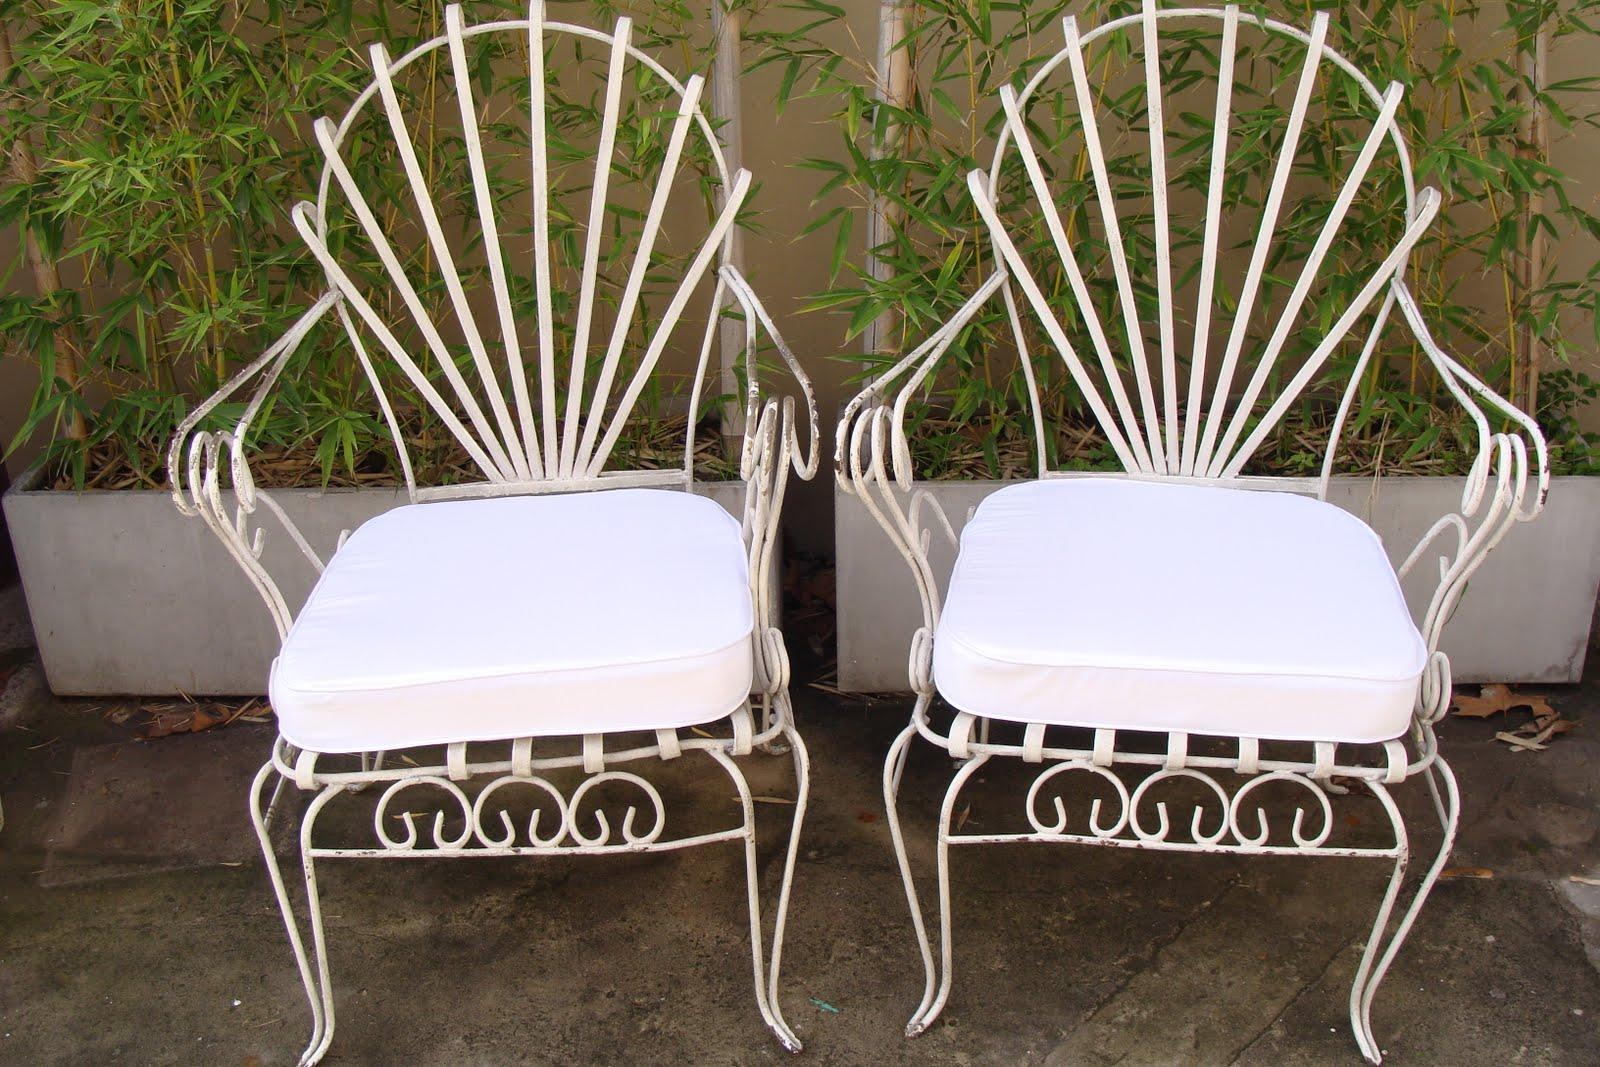 Almohadones a medida para sillas deco marce tienda - Rellenos para sillones ...